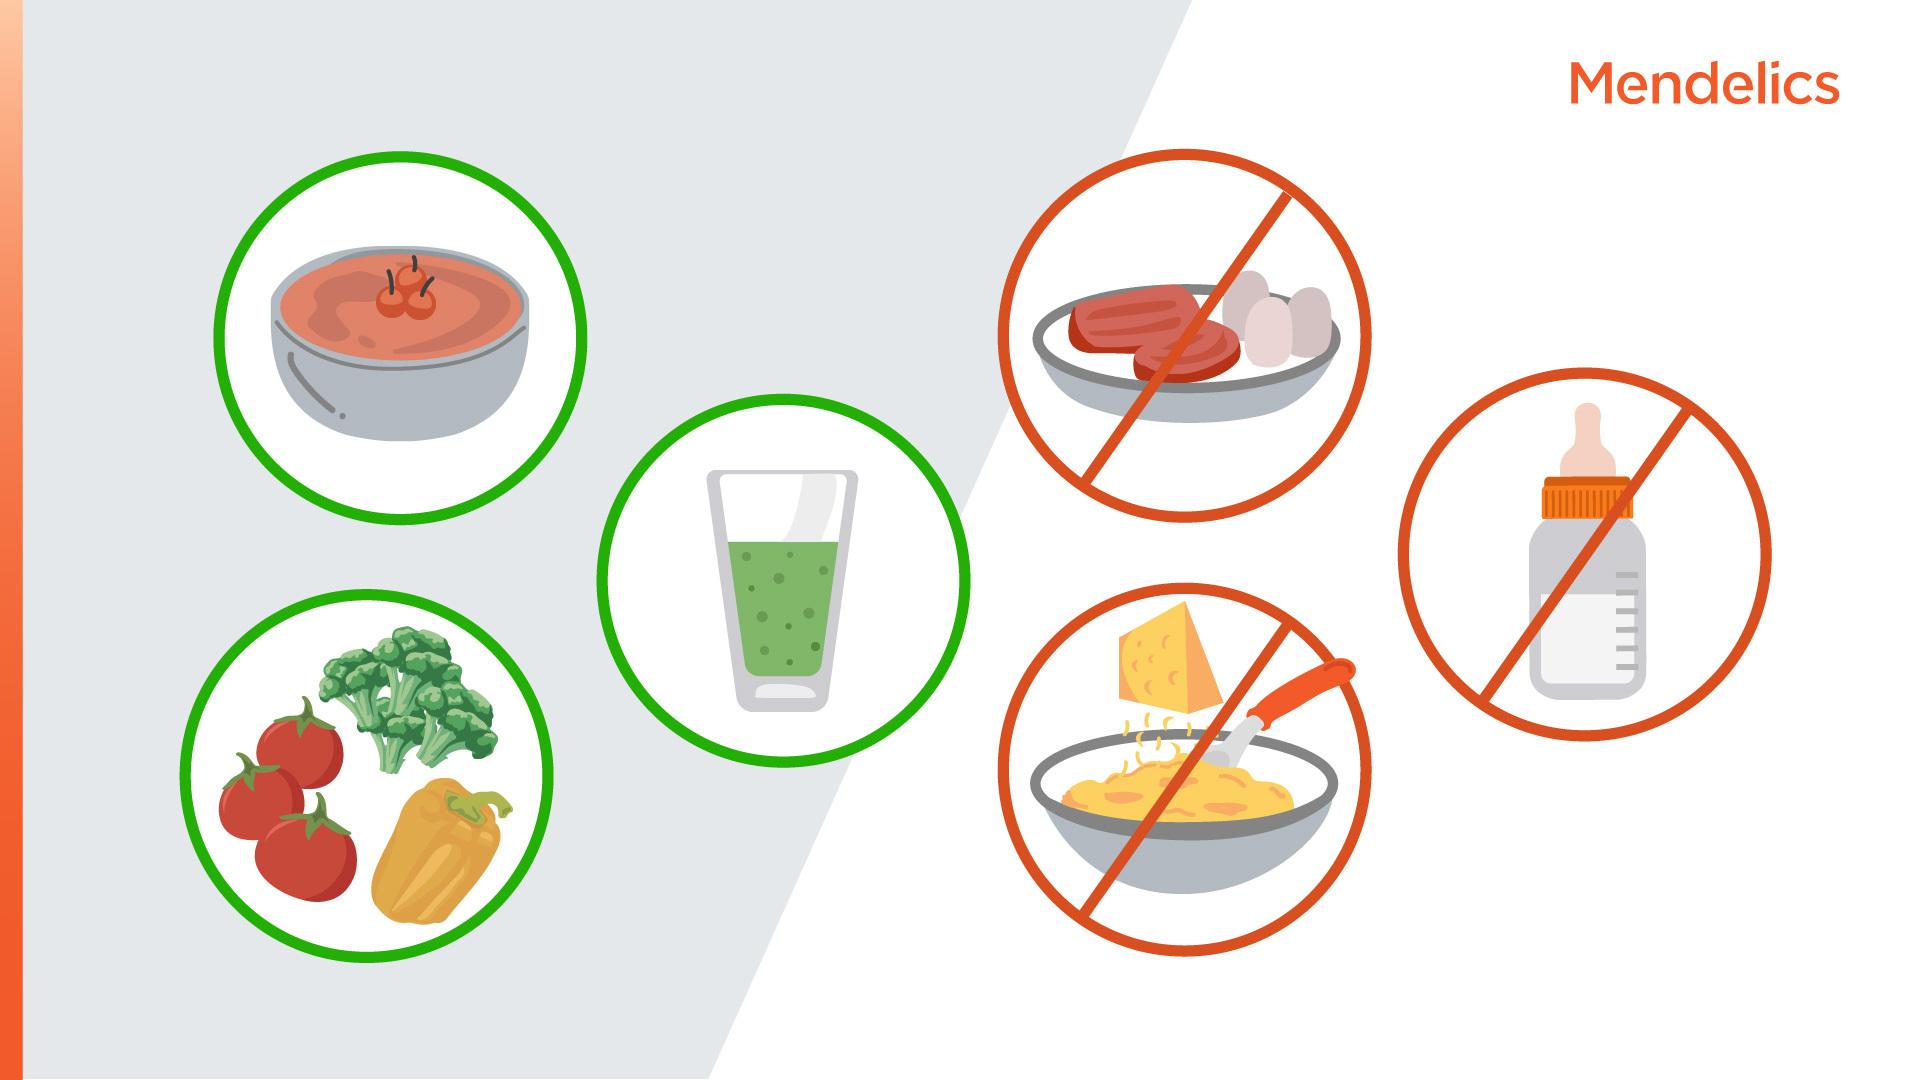 Iluatração de alimentos liberados para pacientes com fenilcetonúria, como vegetais, e alimentos que devem ser evitados, como carnes e laticínios